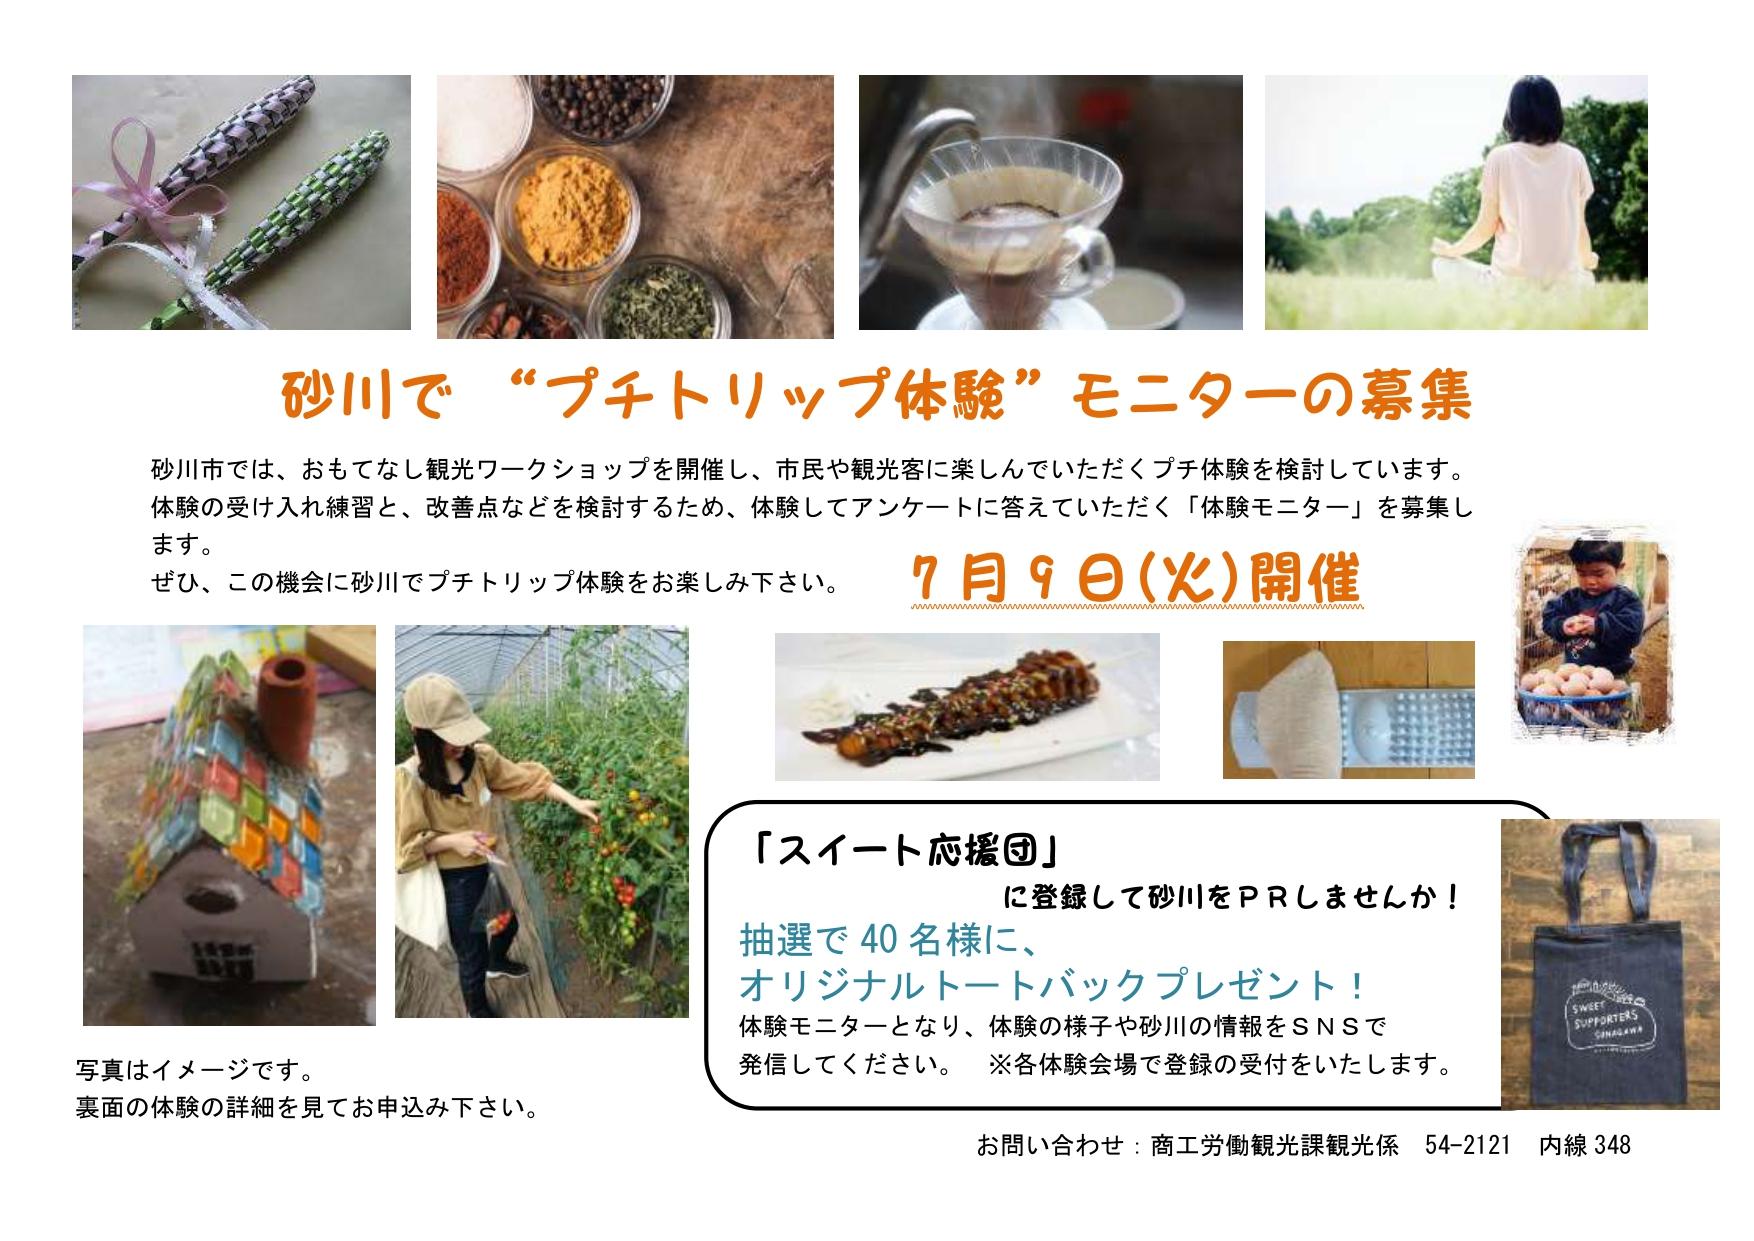 砂川でプチトリップ体験モニターの募集のポスター